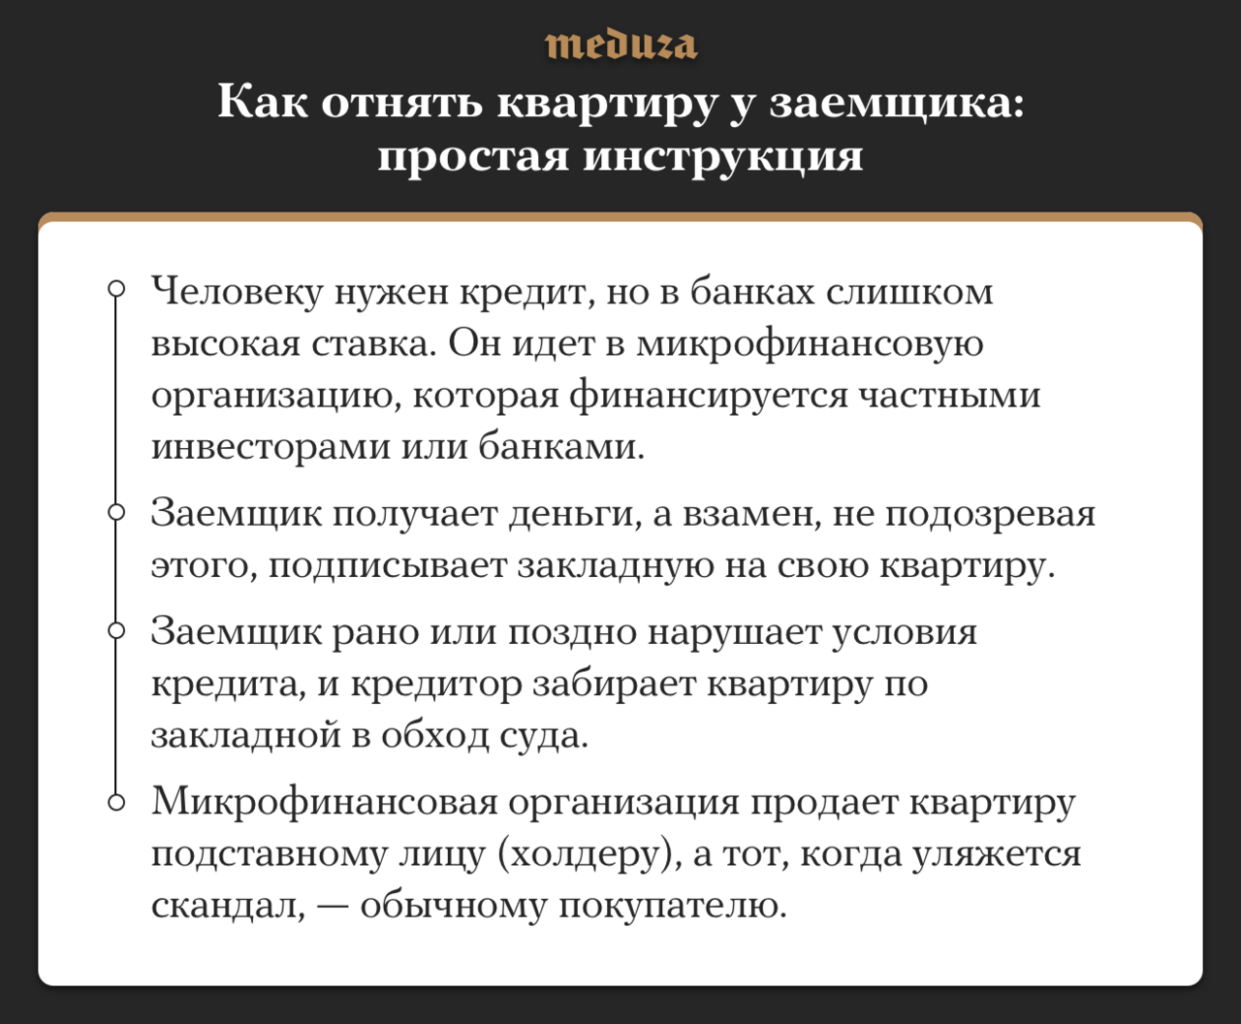 иркутск лучшие кредиты кредит для предприятия малого бизнеса